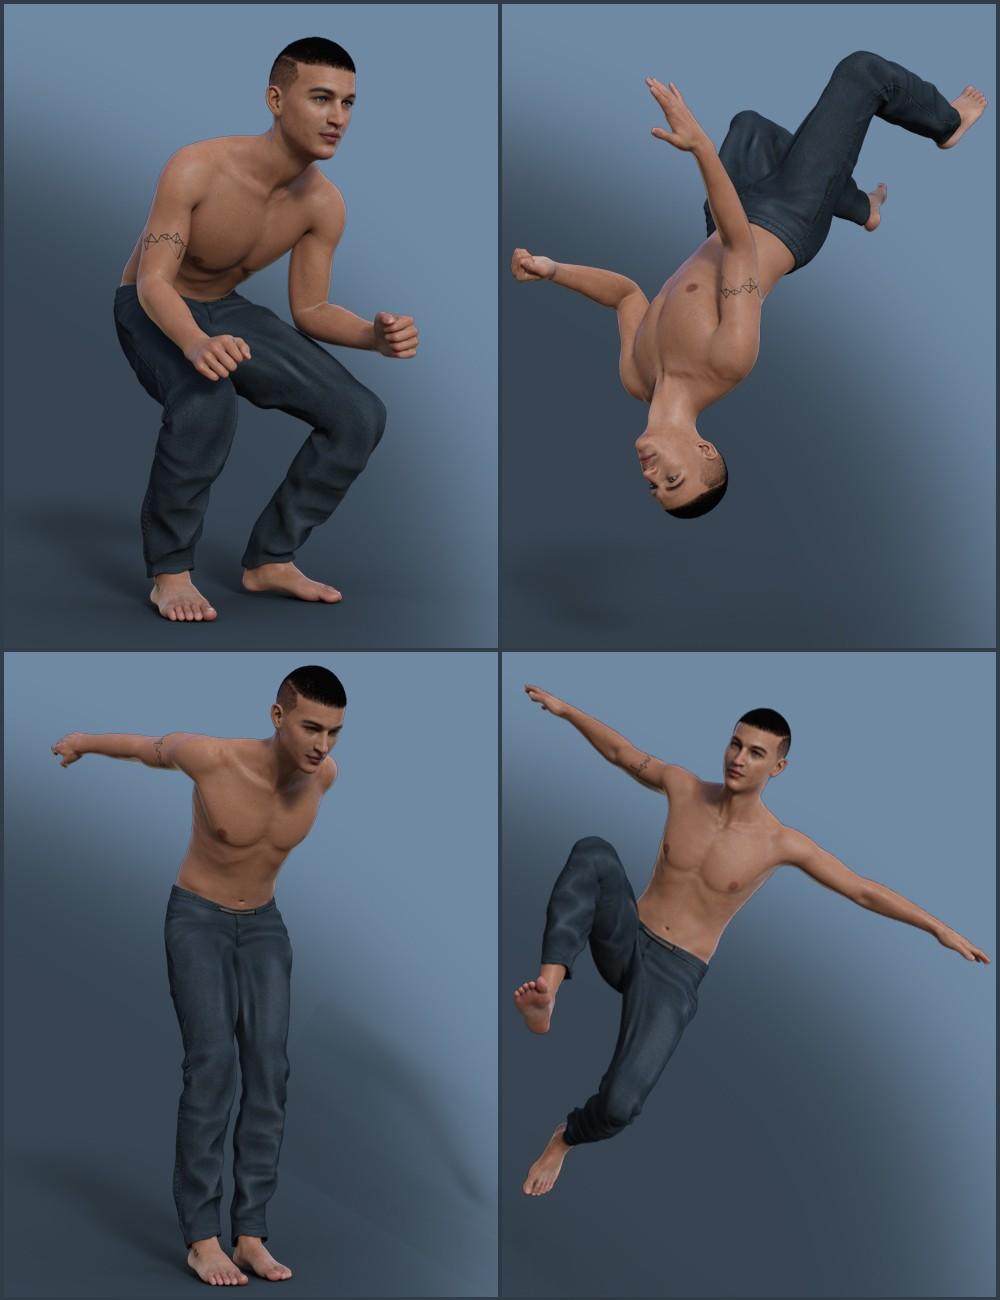 Parkour Poses for Genesis 8 Male(s)_DAZ3D下载站